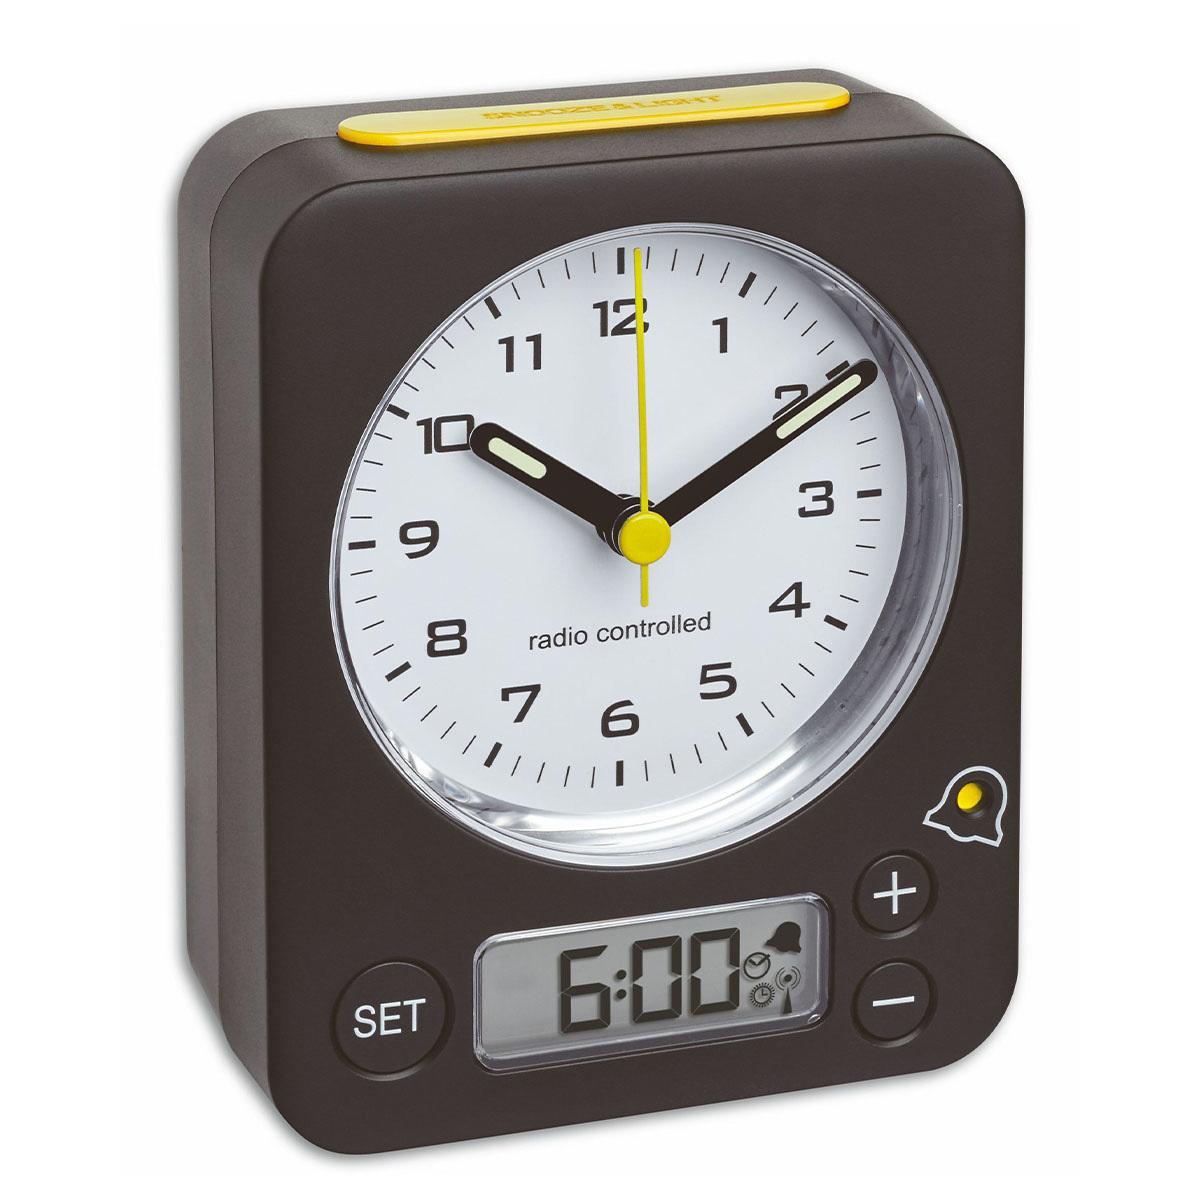 Analogový budík s rádiově řízeným časem TFA 60.1511.01.07 COMBO